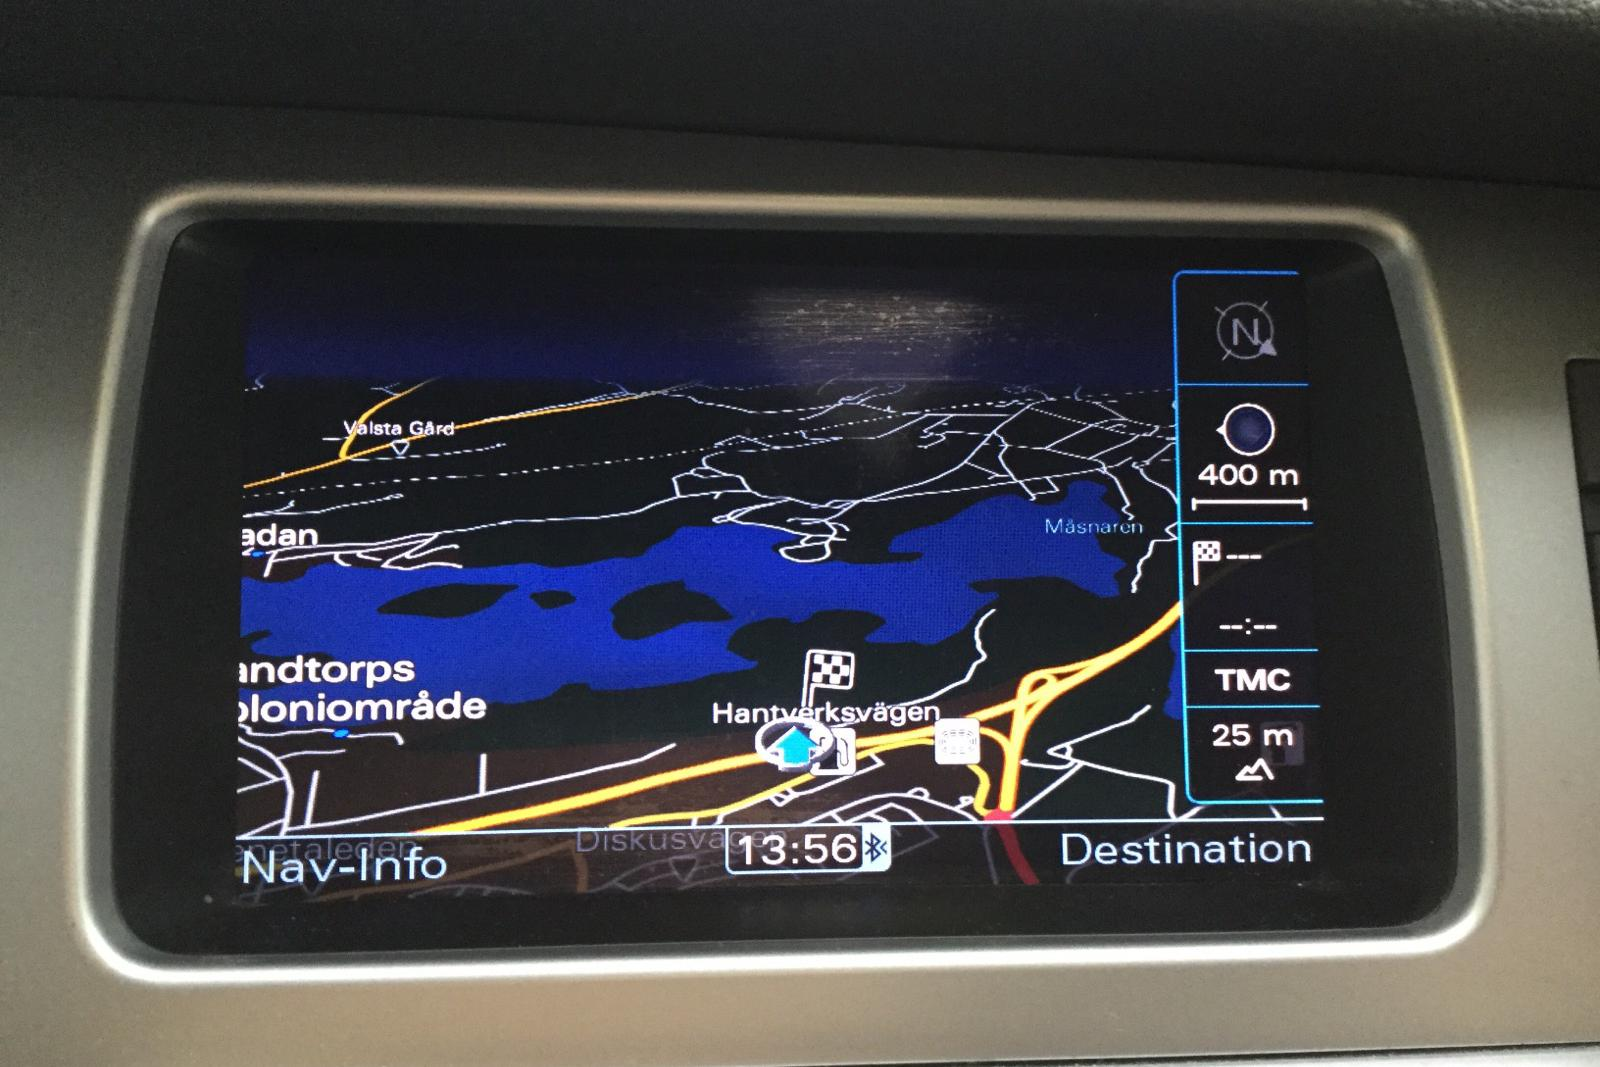 Audi Q7 3.0 TDI quattro (240hk) - 165 470 km - Automatic - Dark Blue - 2010